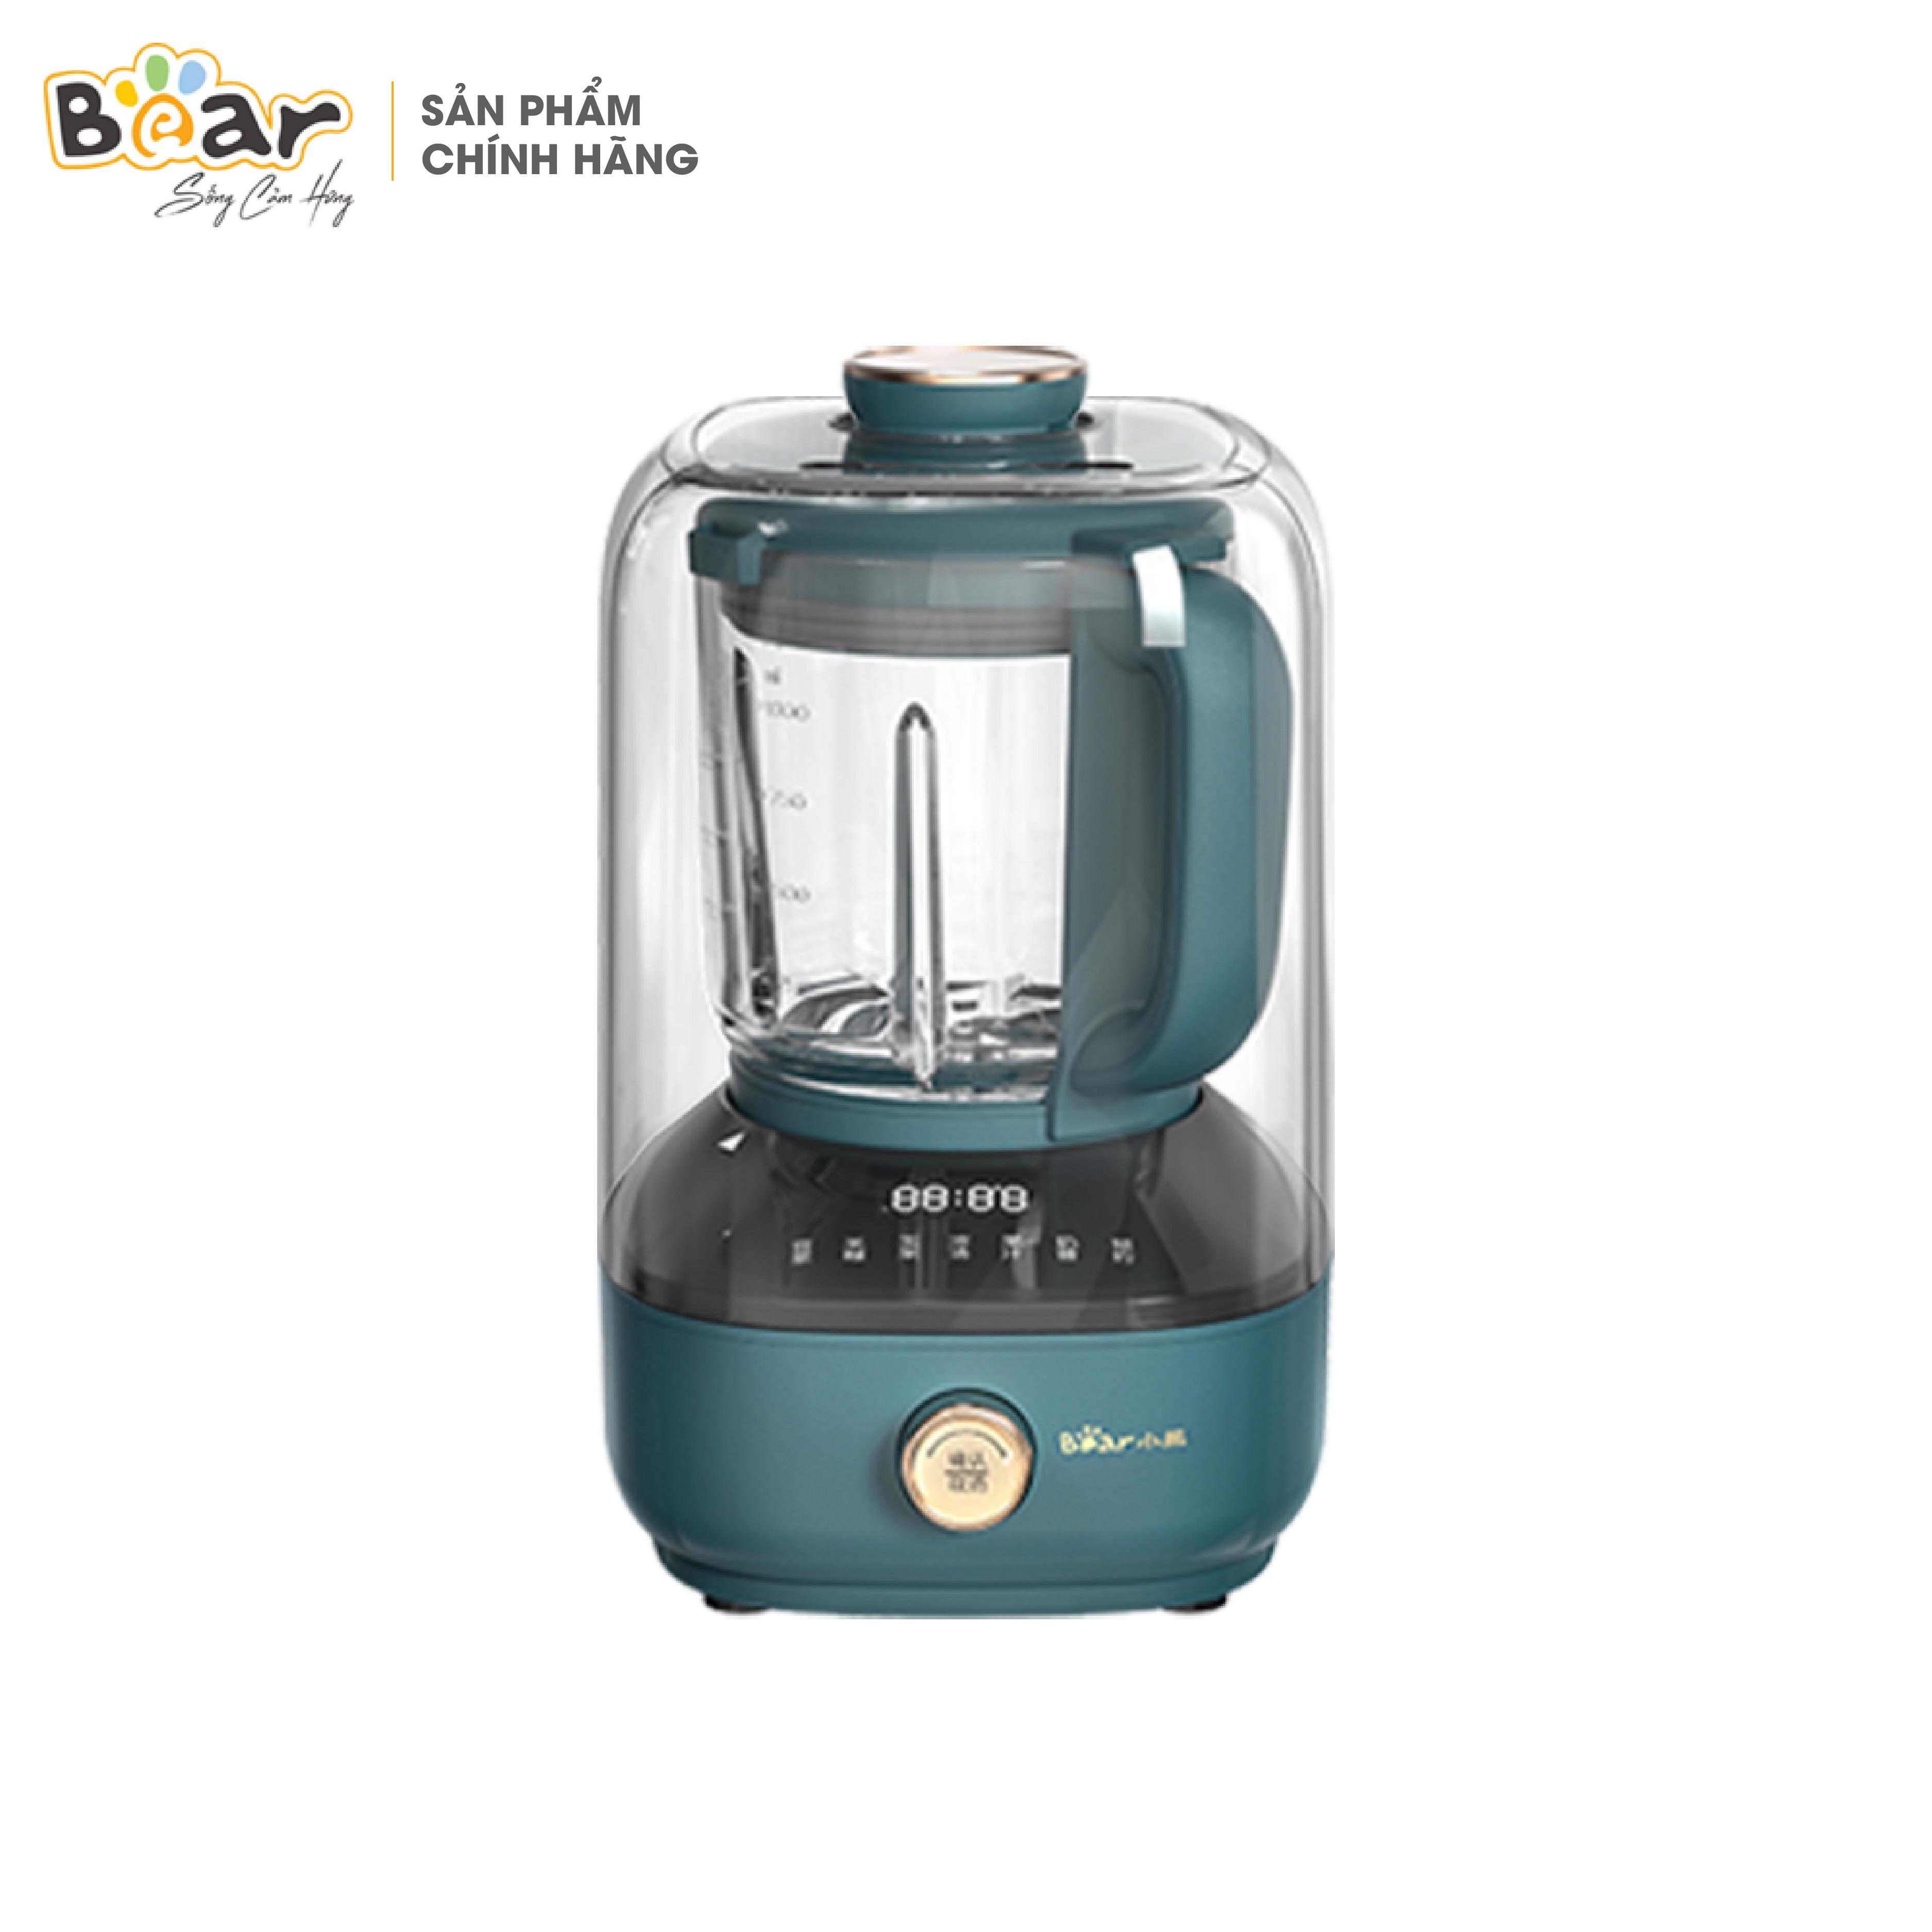 Máy xay nấu đa năng cách âm Bear PBJ-B06W1